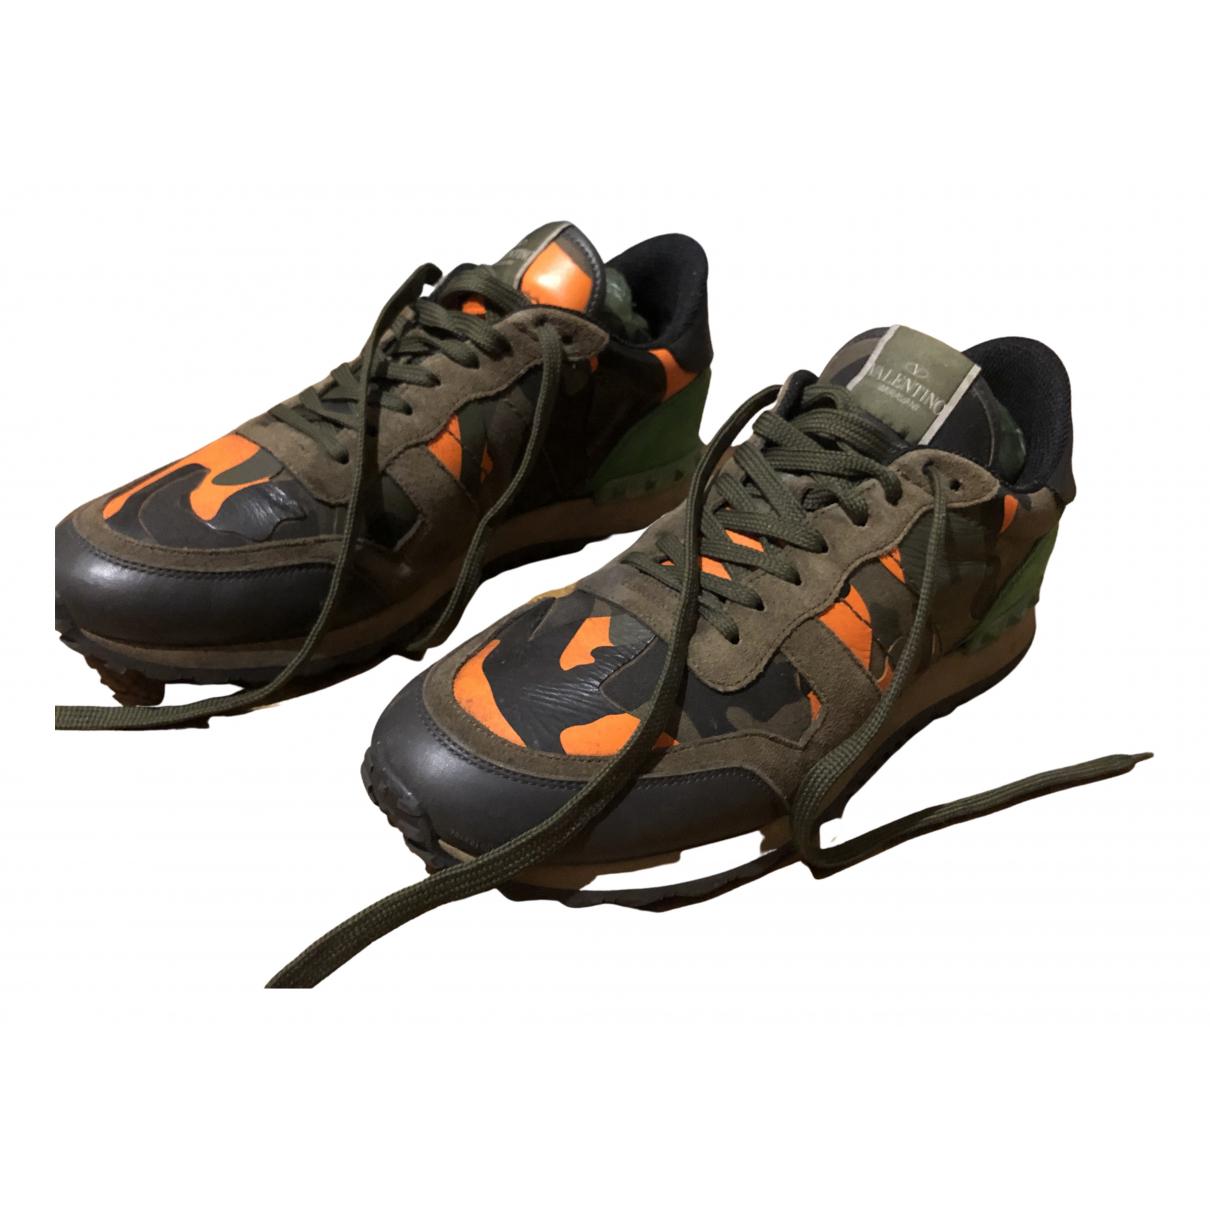 Valentino Garavani Rockrunner Multicolour Leather Trainers for Men 44 EU